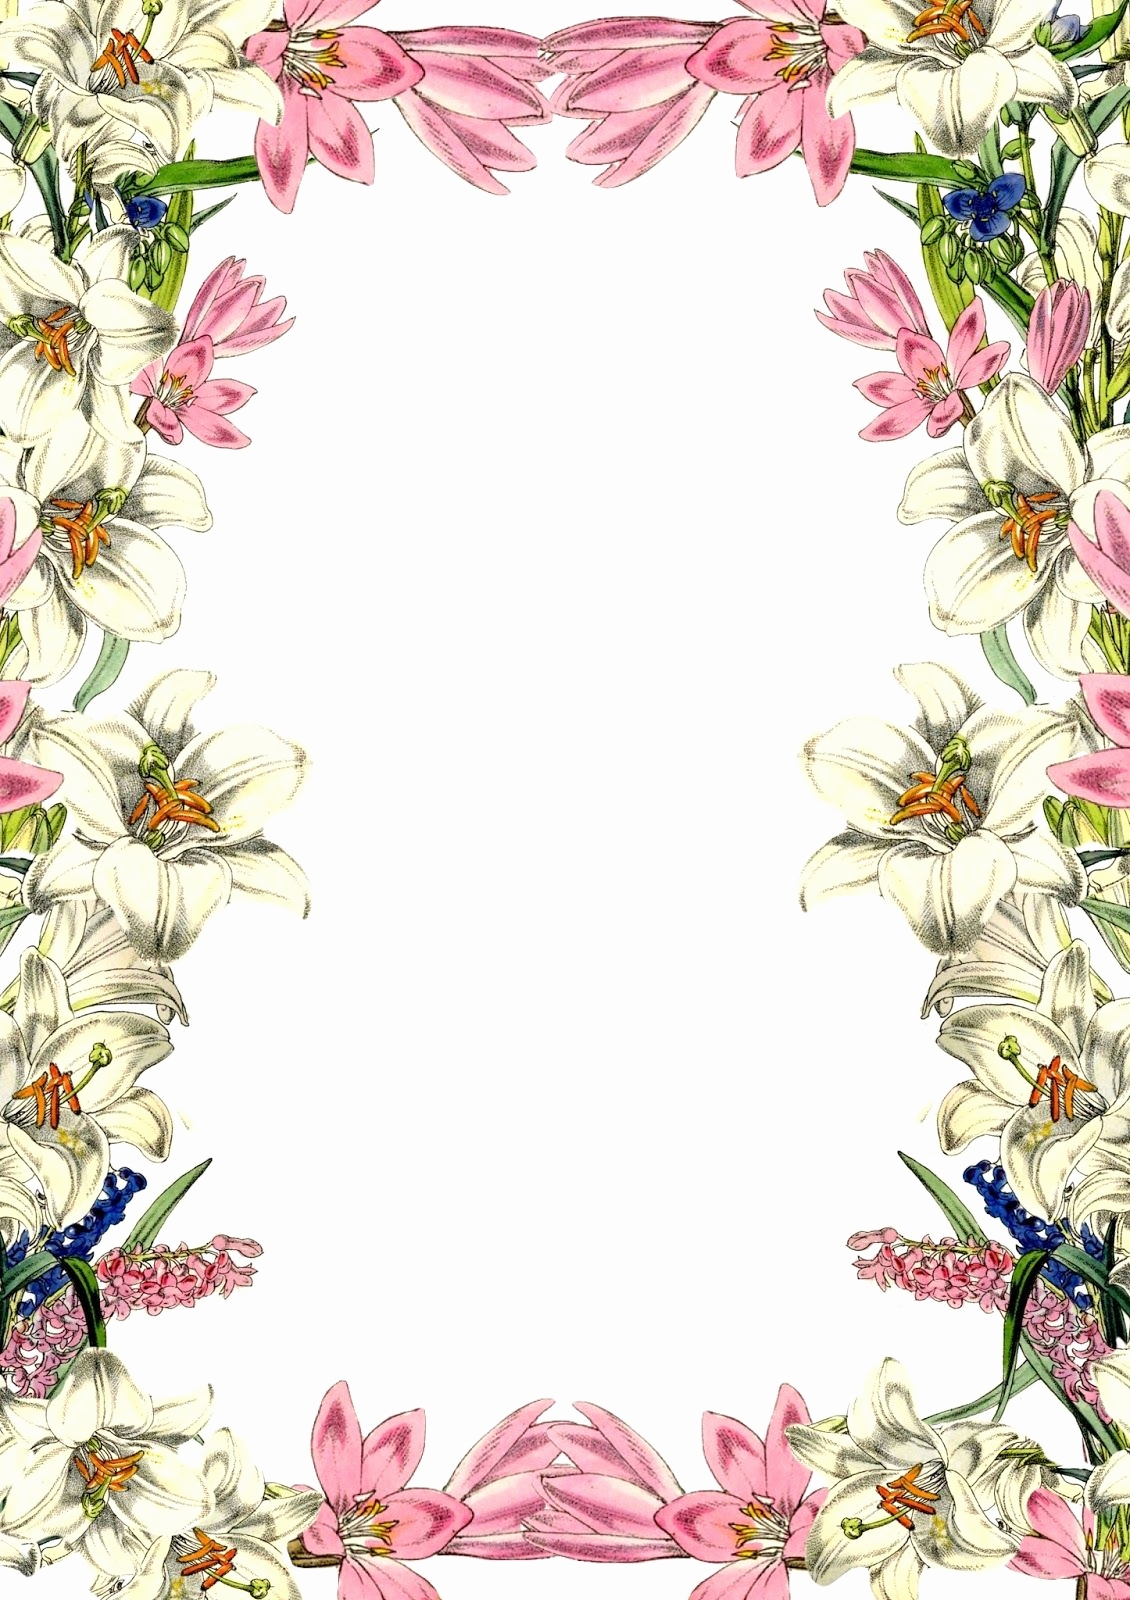 Briefpapier Drucken Kostenlos Ausdrucken Luxus Free Digital innen Fotos Kostenlos Drucken